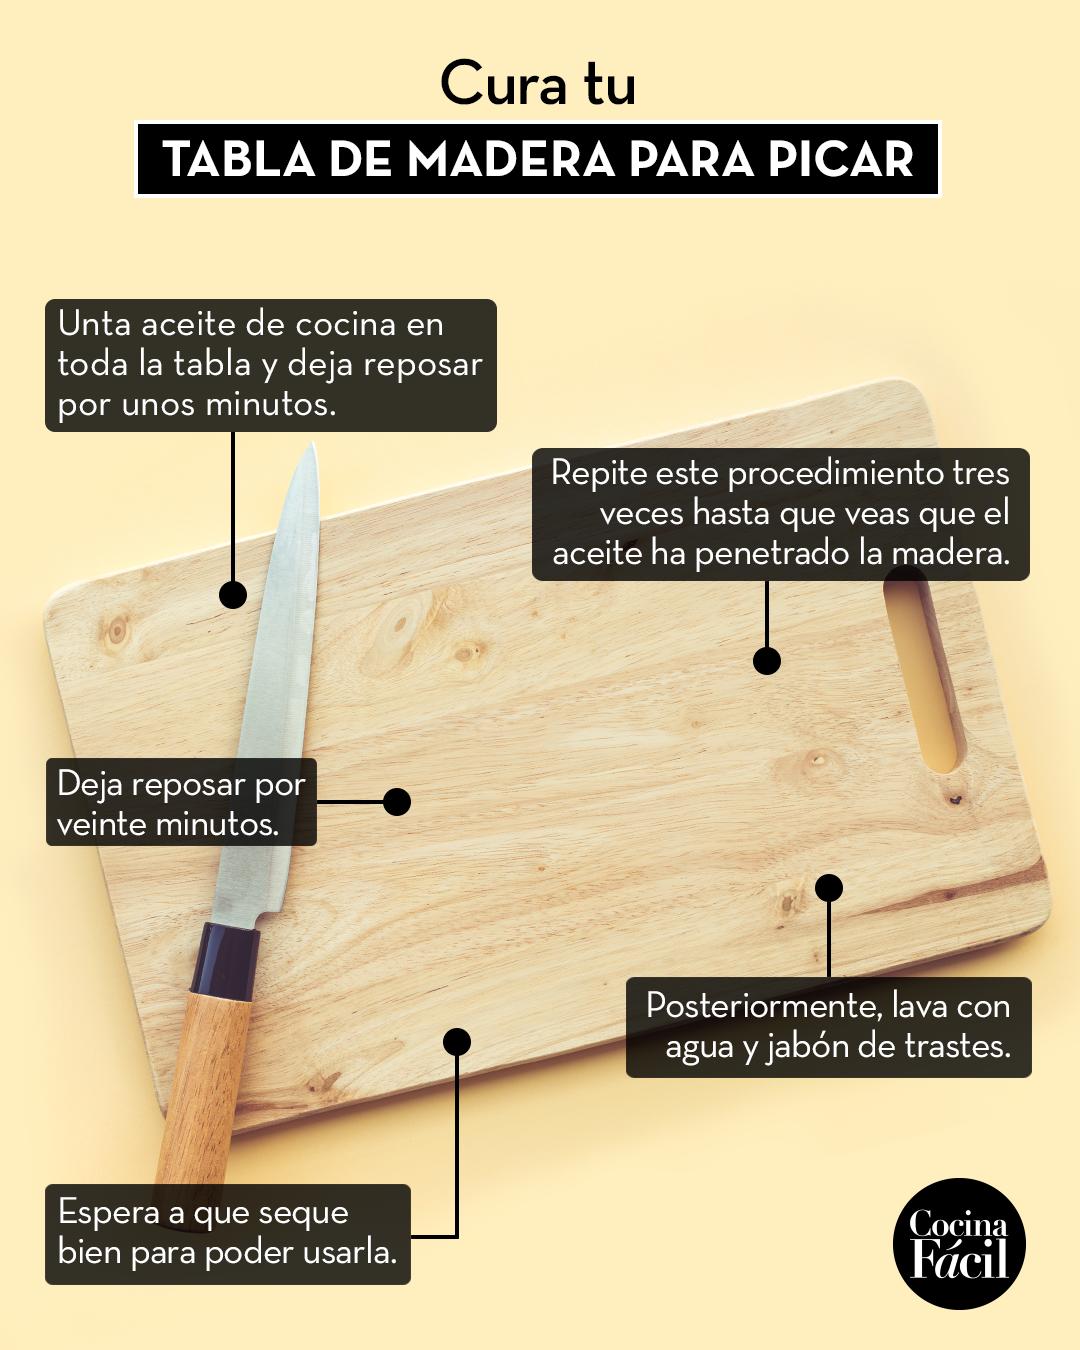 Curar tabla de madera